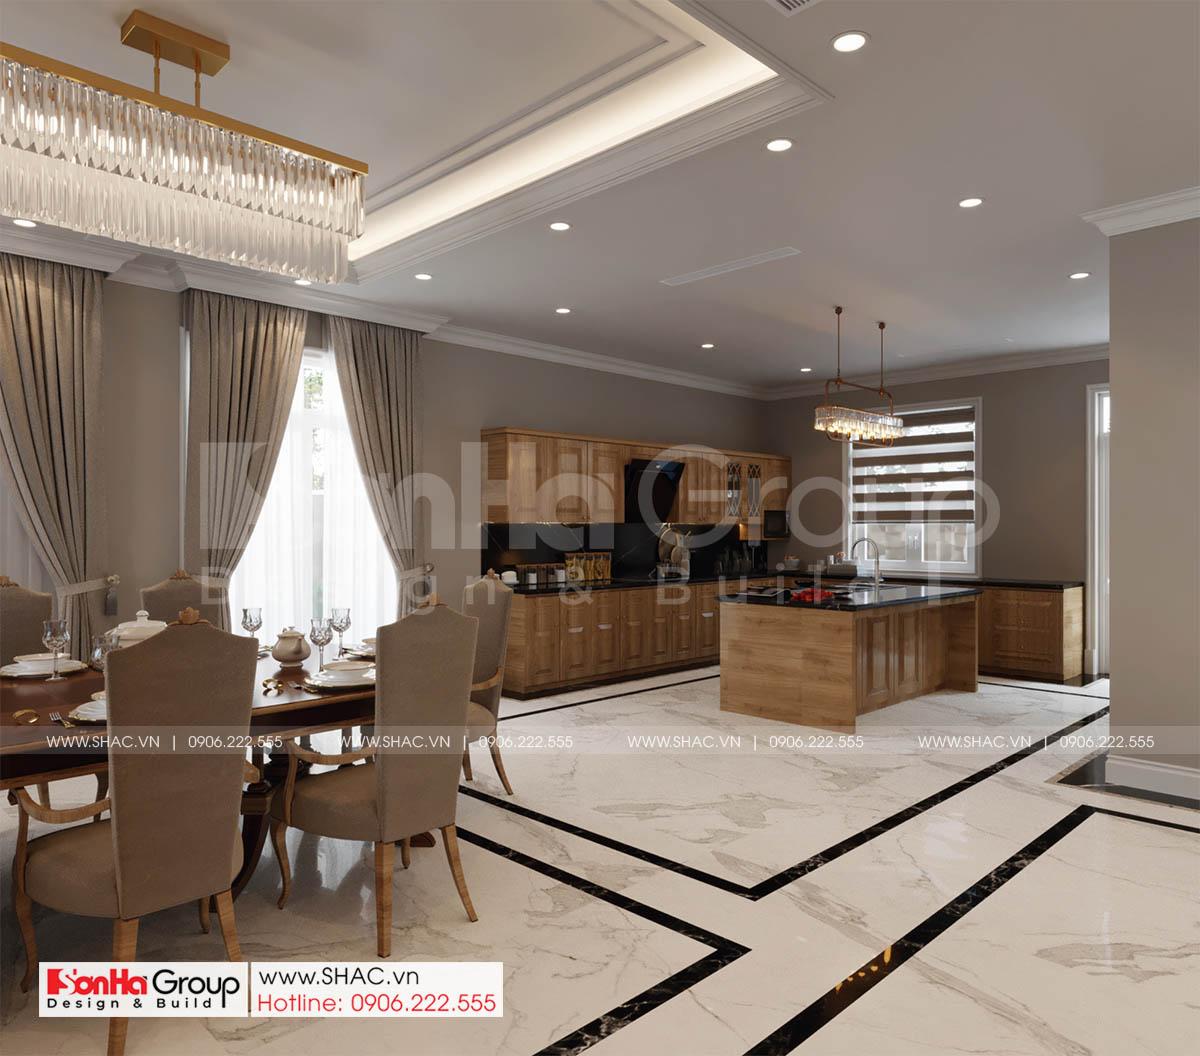 Phòng bếp và nhà ăn của biệt thự tân cổ điển